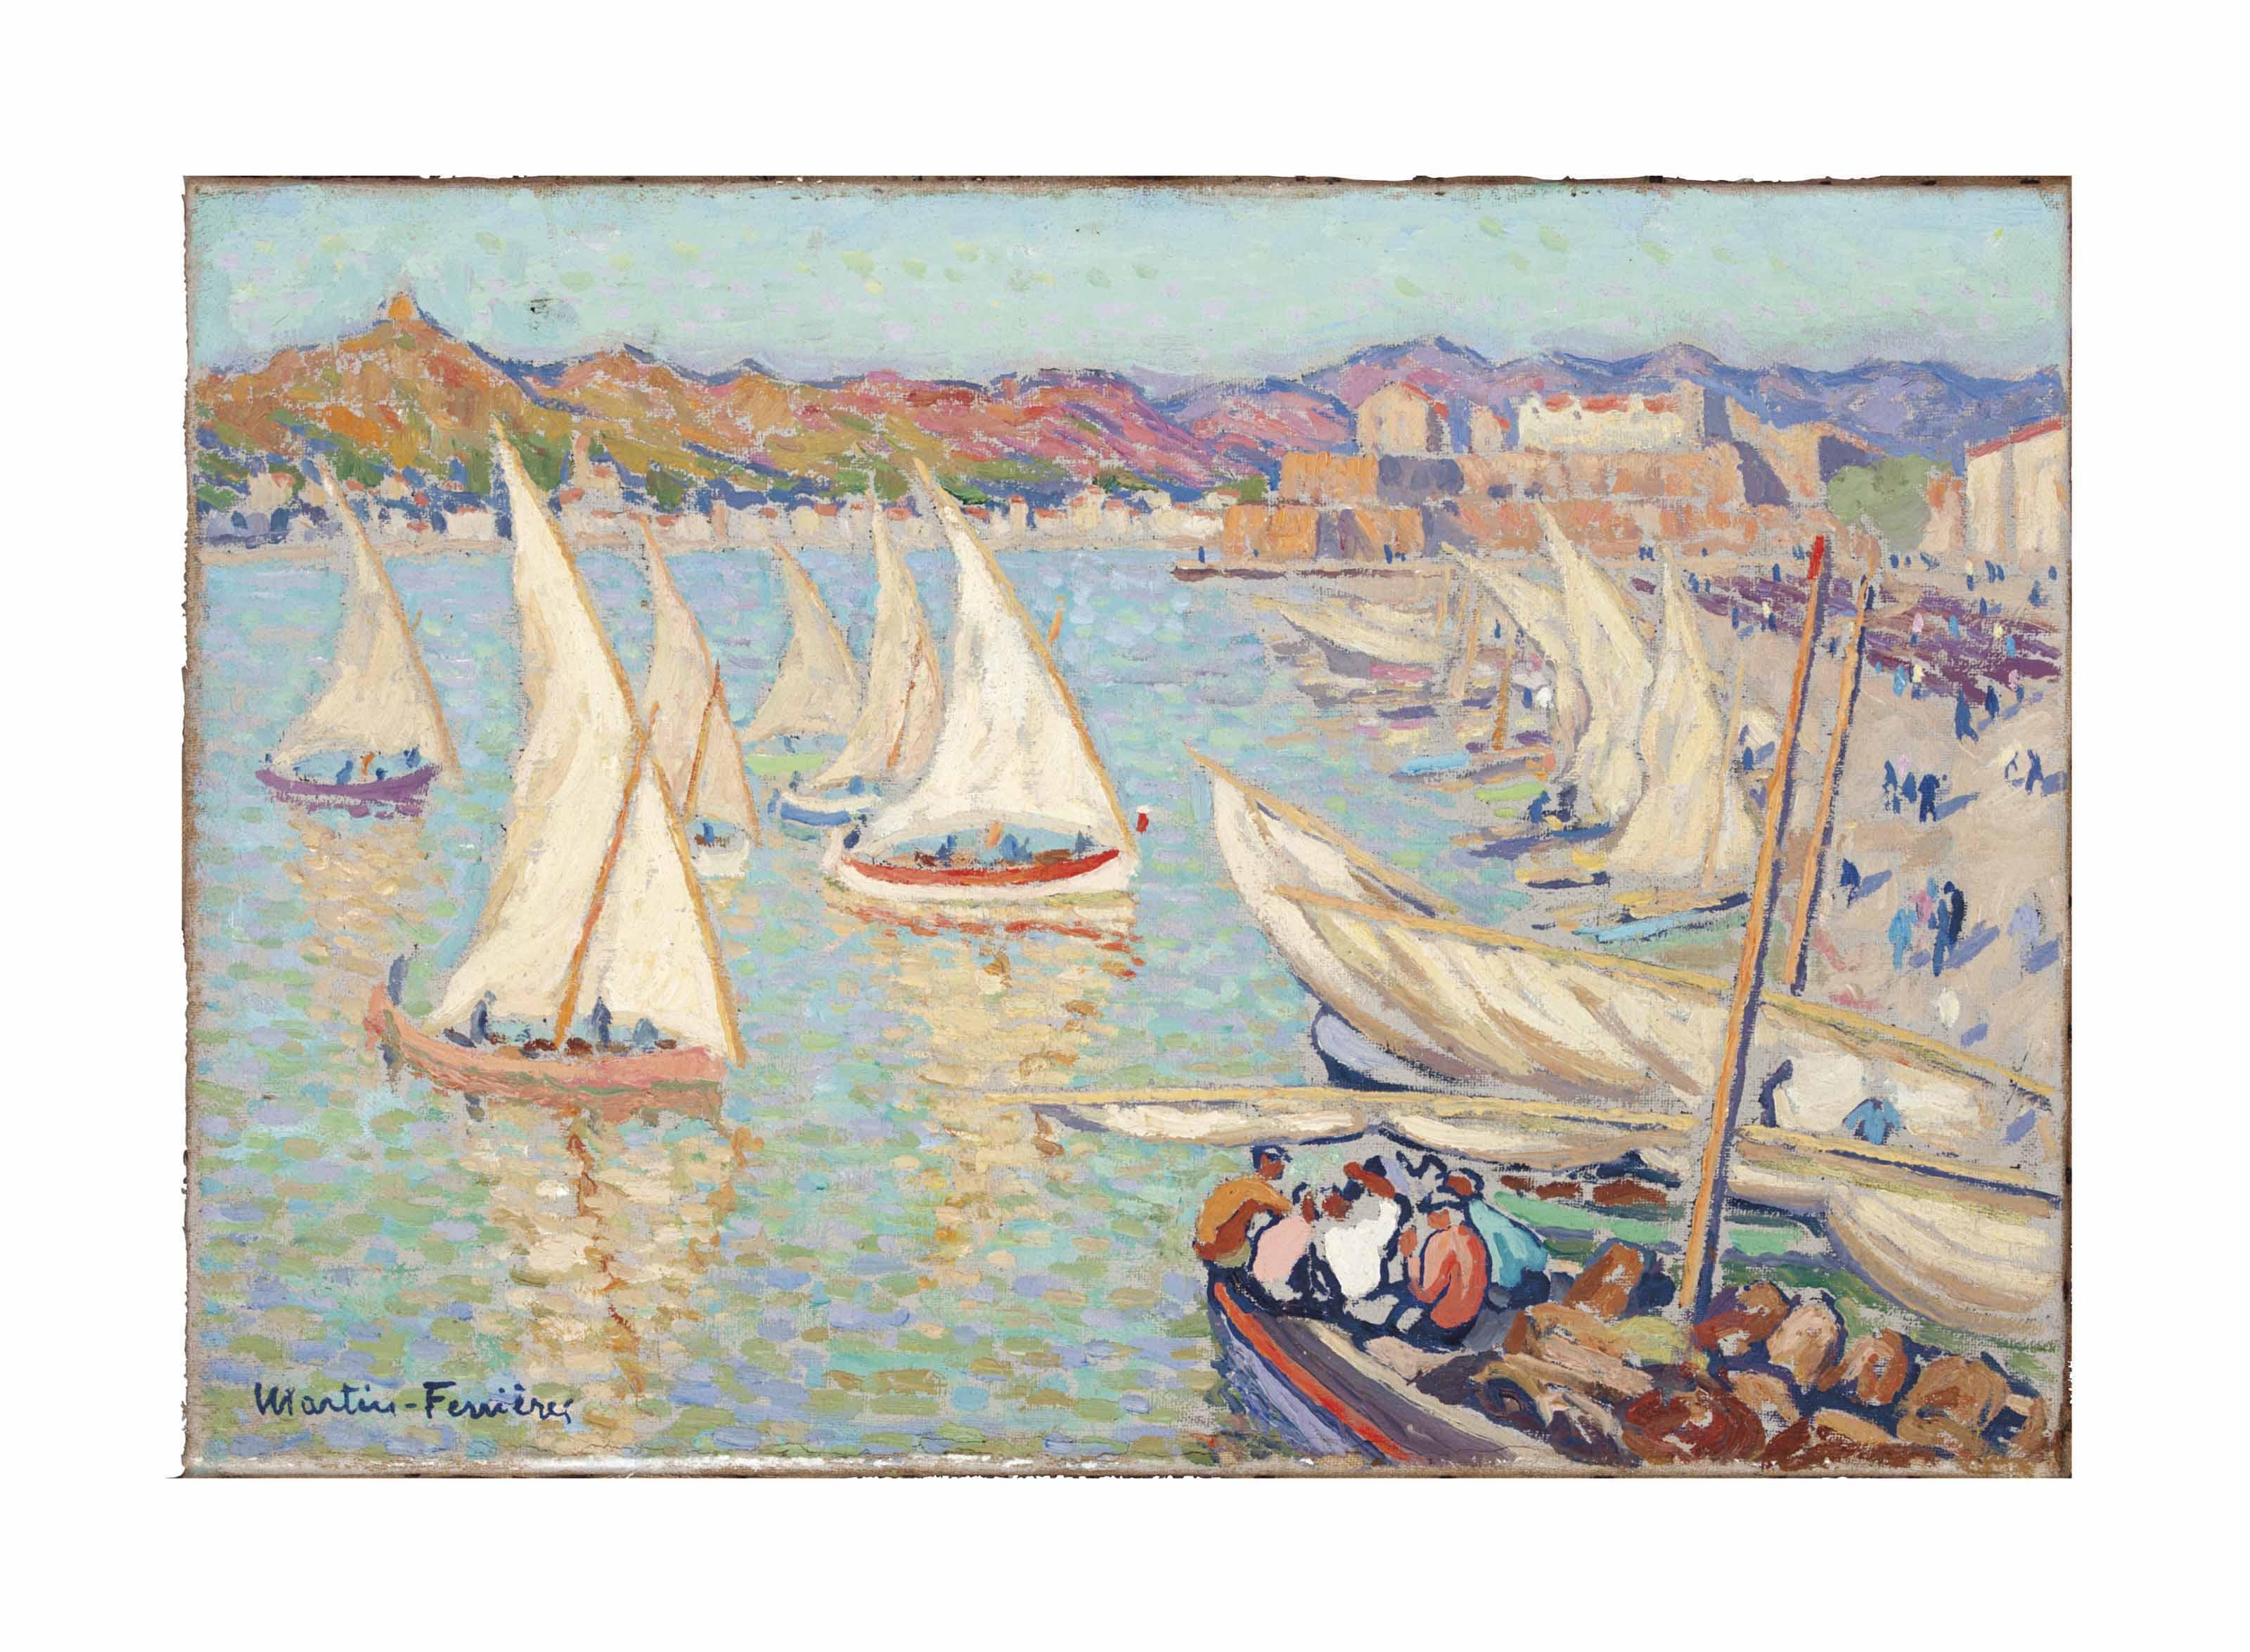 Port voiles, barques rentrant et hommes assis, Collioure